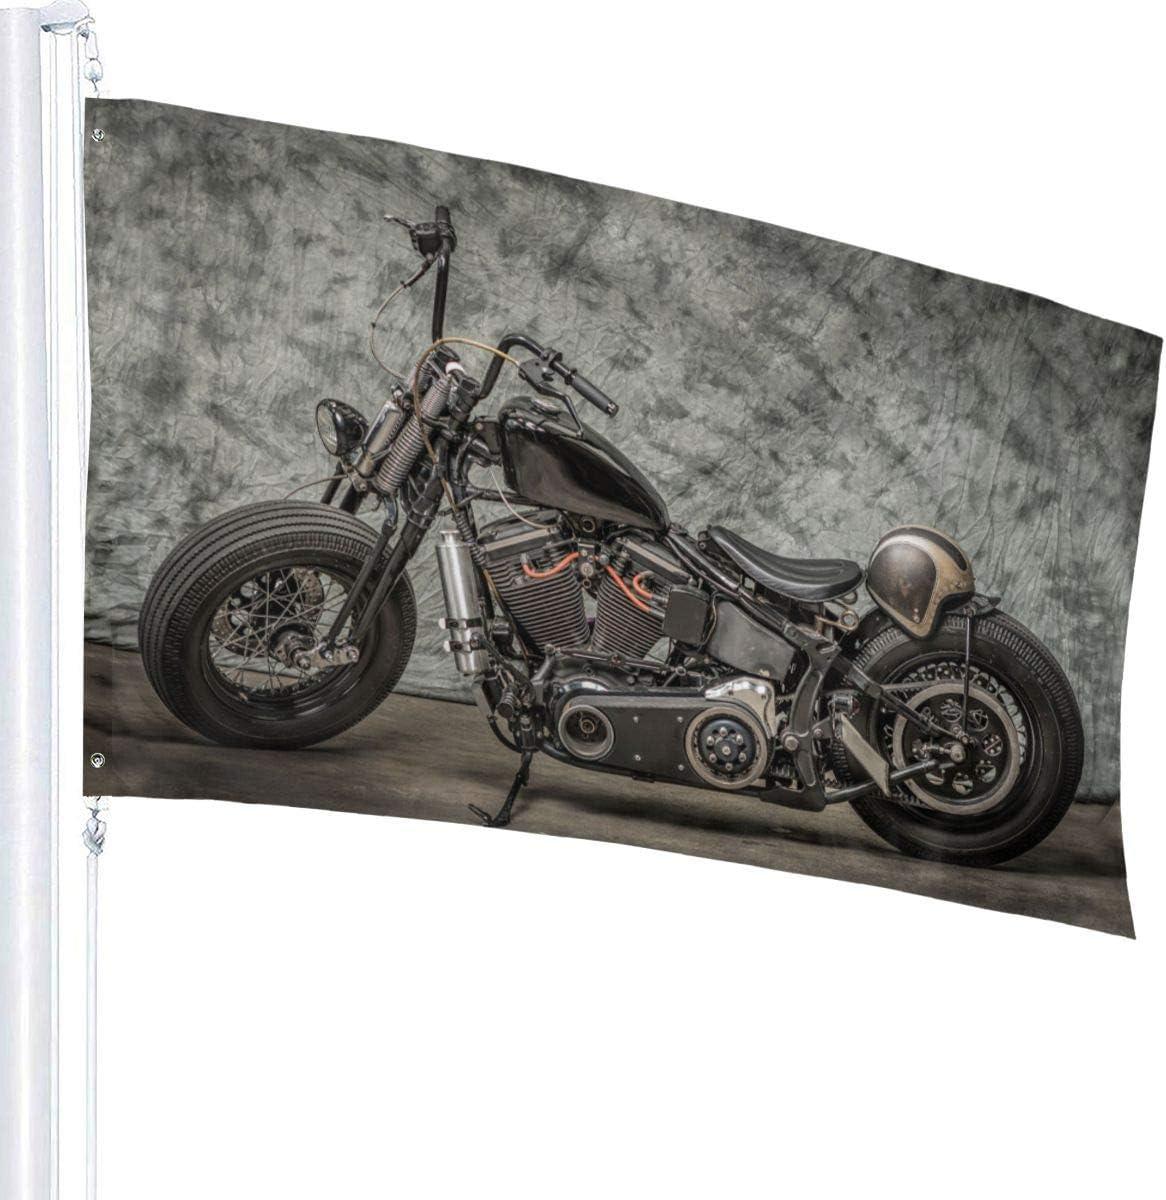 Emonye Harley Motorrad Cool Davidson Vintage BikeDekorative Gartenflaggen und Au/ßenbereich 91 x 365 m Flagge f/ür den Innen